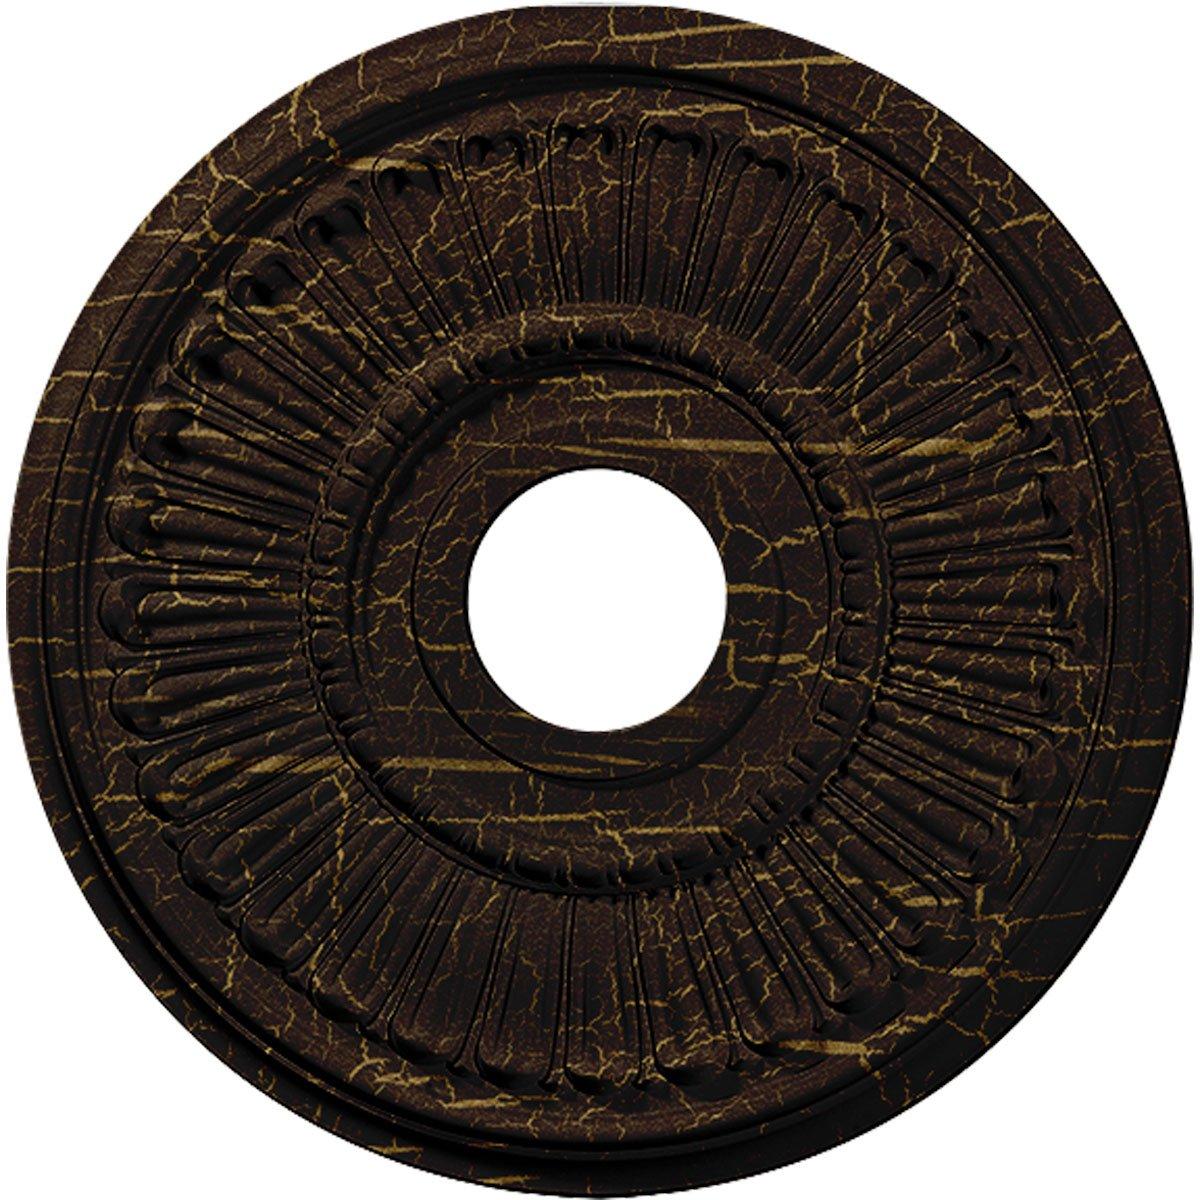 Ekena Millwork CM16MLRBC 16'' x 3-5/8'' x 3/4'' Melonie Ceiling Medallion, Root Beer Crackle